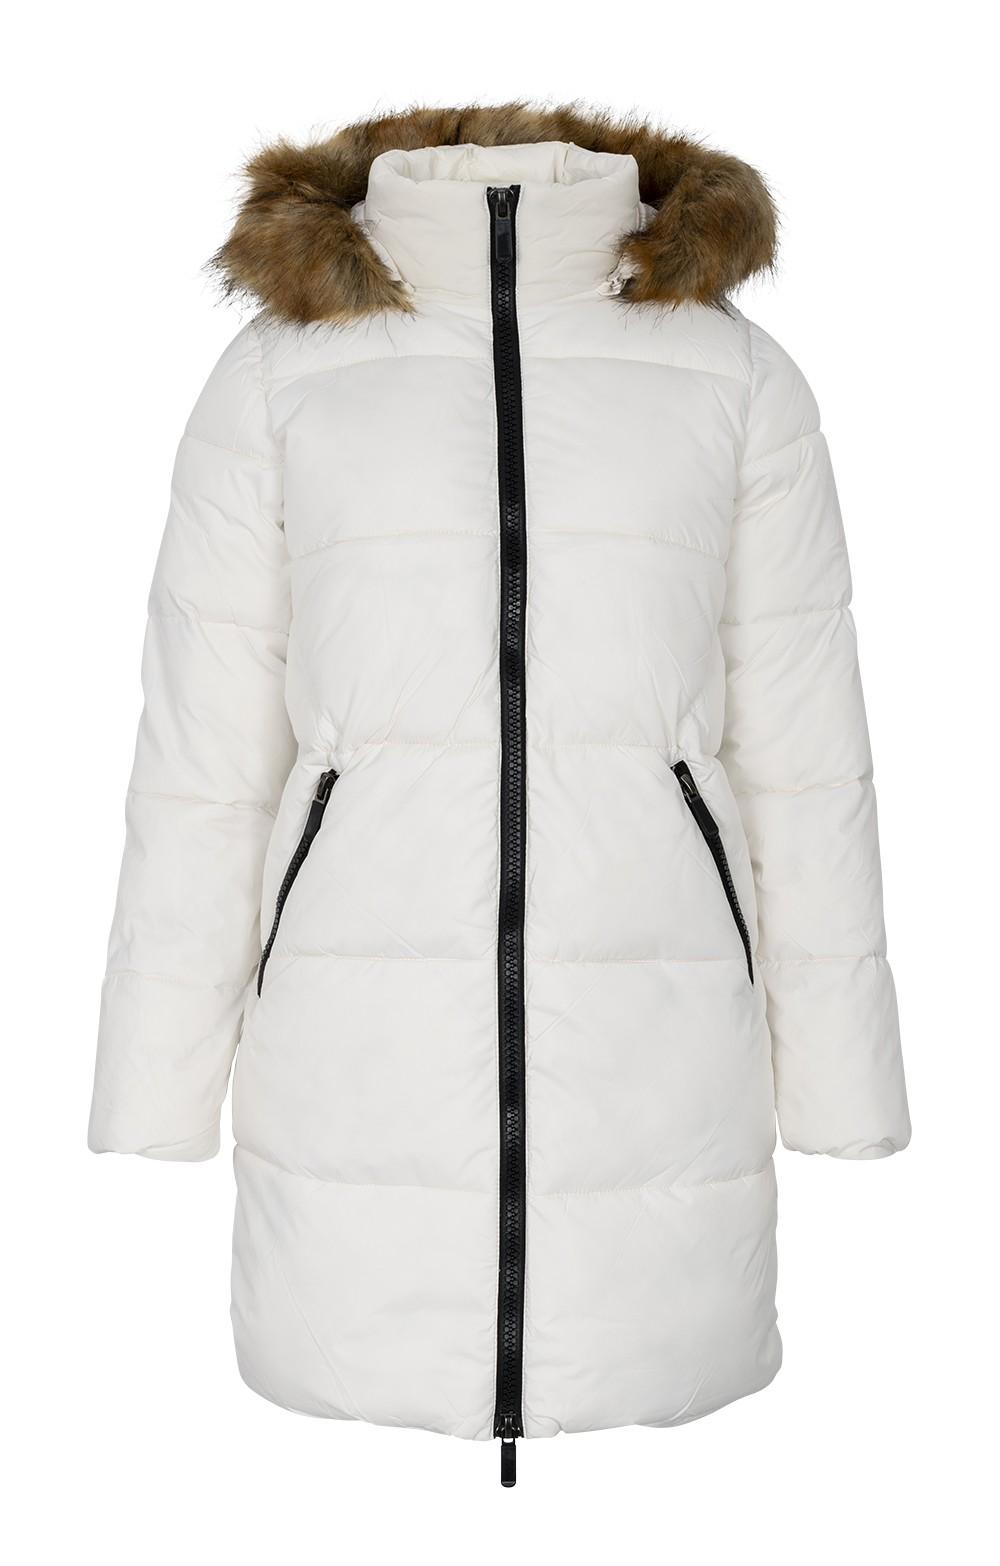 7cc506ae1 Ladies Faux Fur Trim Parka - House of Bruar